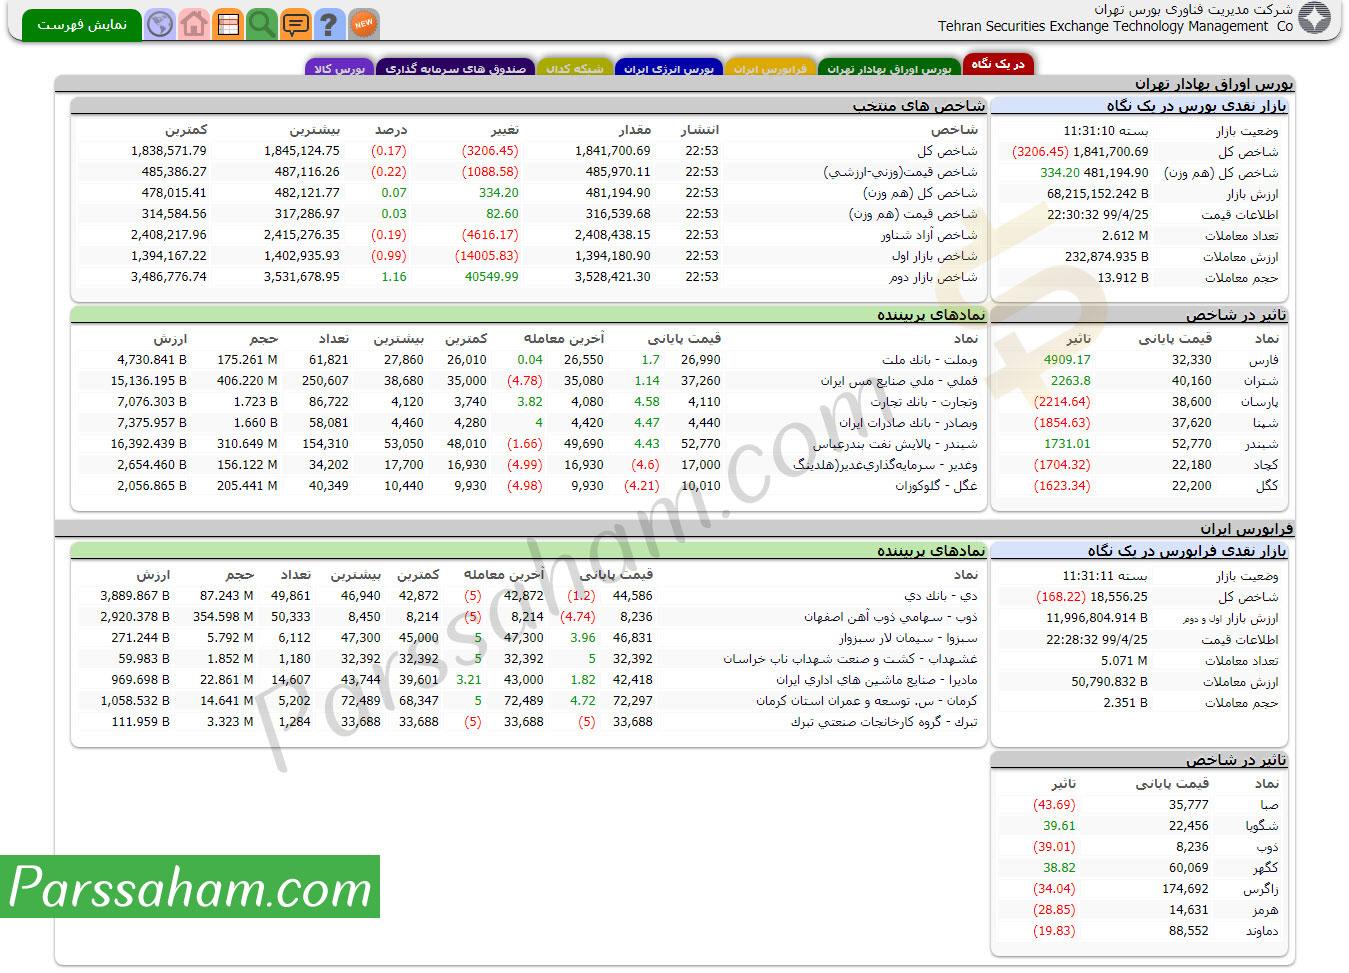 صفحه اصلی سایت بورس tsetmc.com